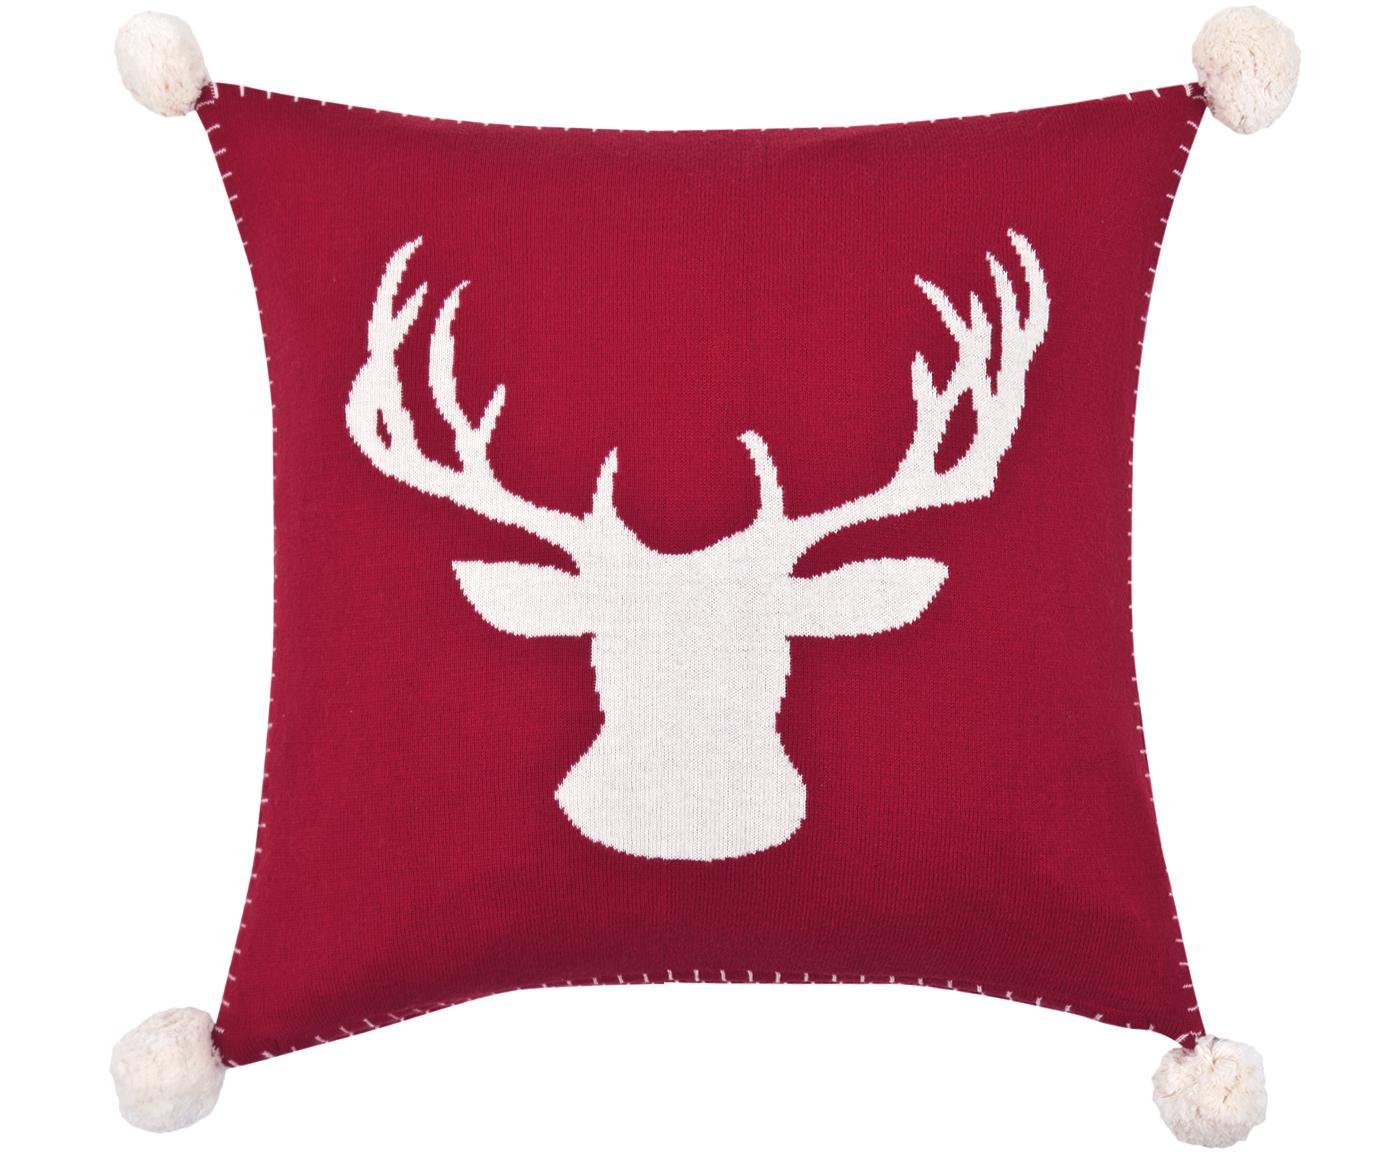 Strick-Kissenhülle Anders mit Hirschmotiv und Bommeln, Baumwolle, Rot, Cremeweiß, 40 x 40 cm